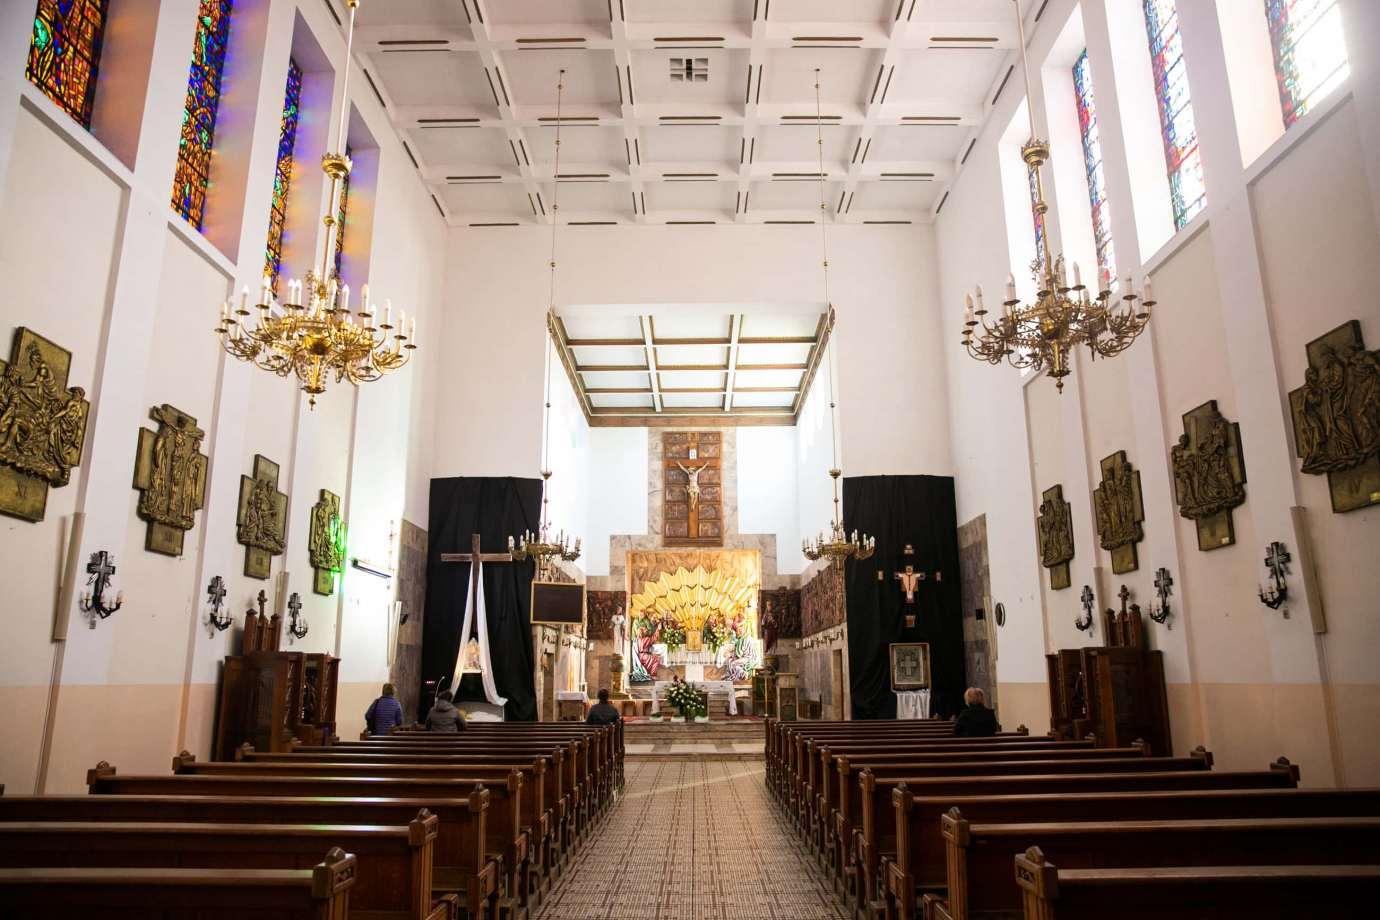 parafia pw swietego krzyza w zamosciu 4 Zdjęcia grobów pańskich w zamojskich świątyniach